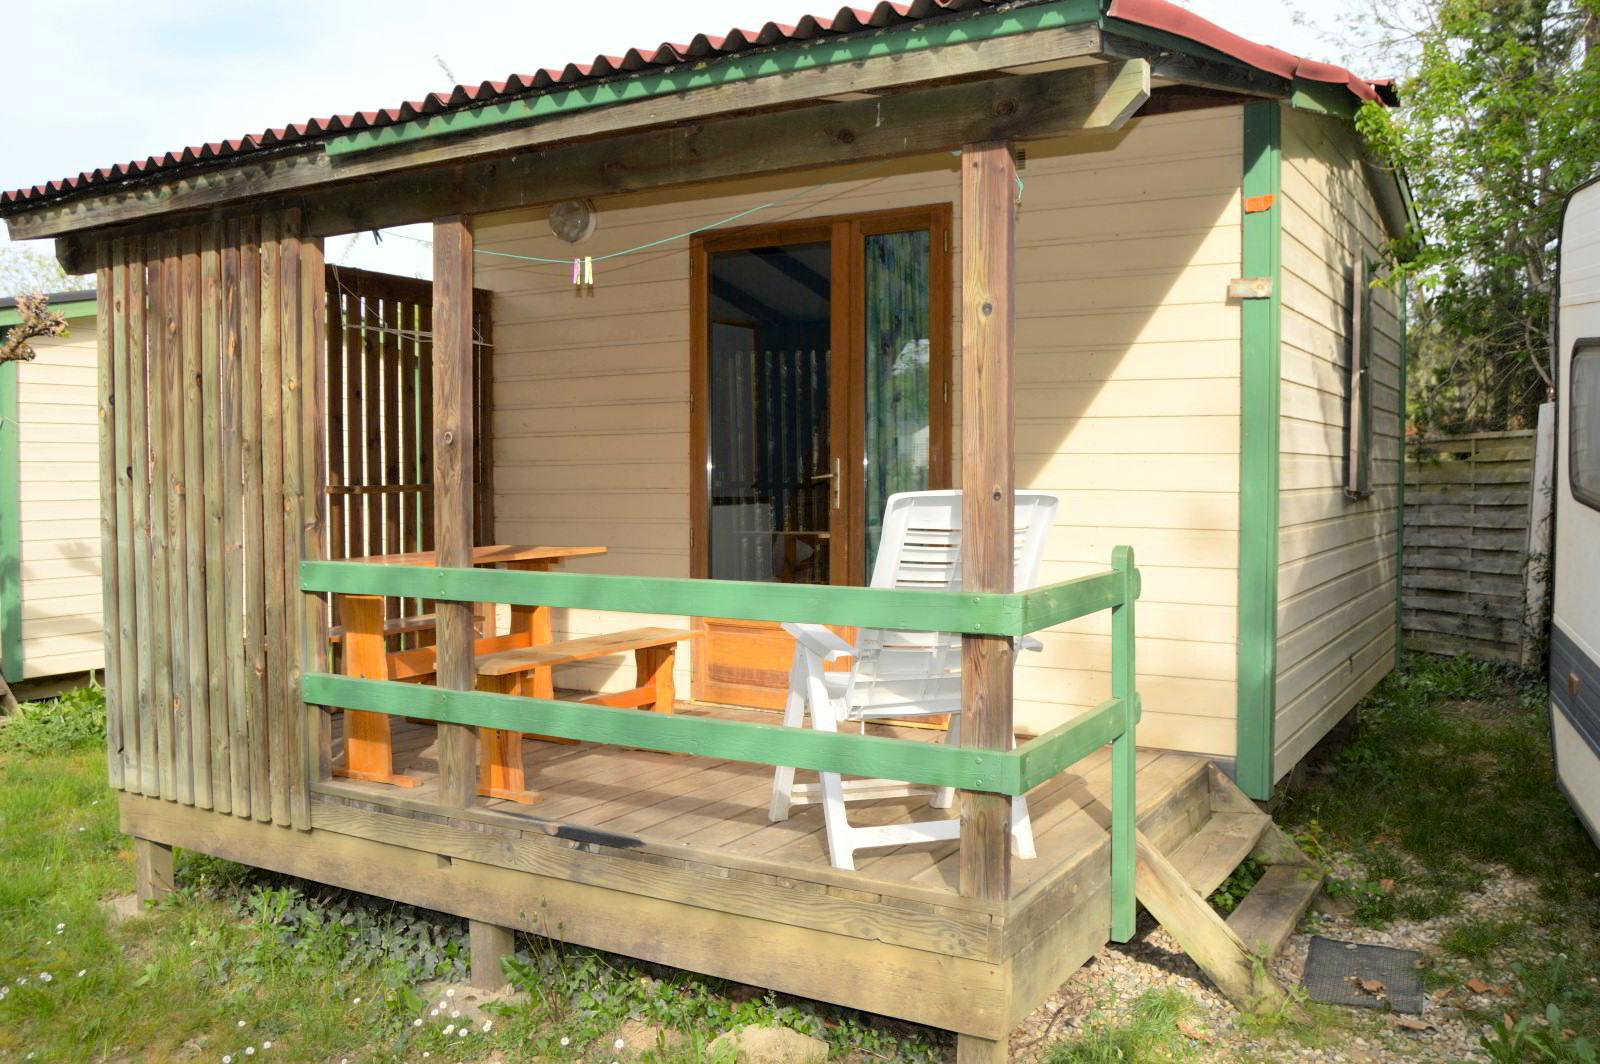 Chalet ohne sanitäre Einrichtungen auf dem Campingplatz